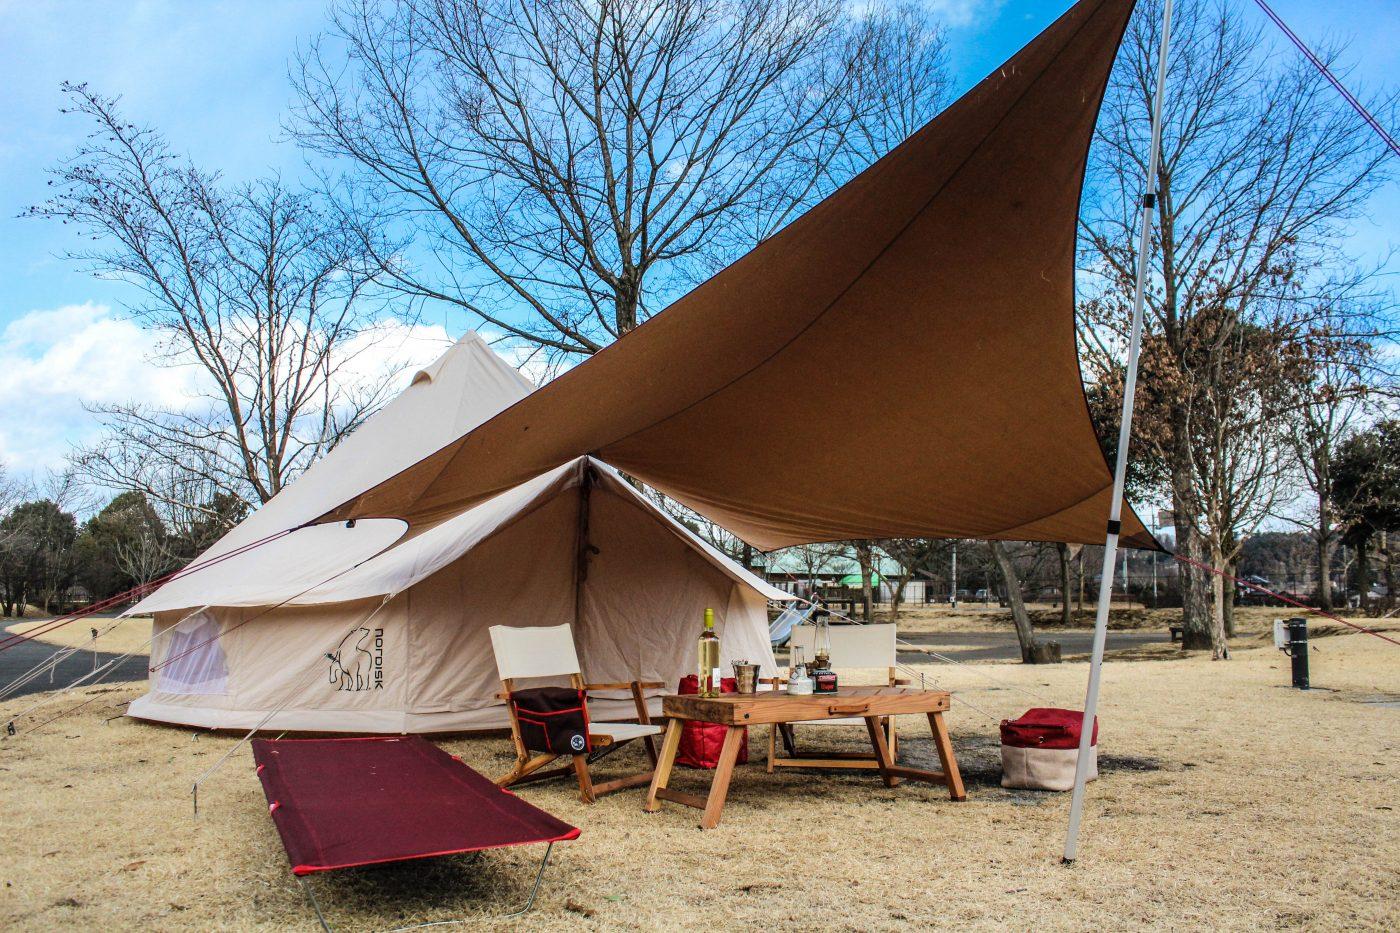 アスガルドとムササビタープでキャンプ